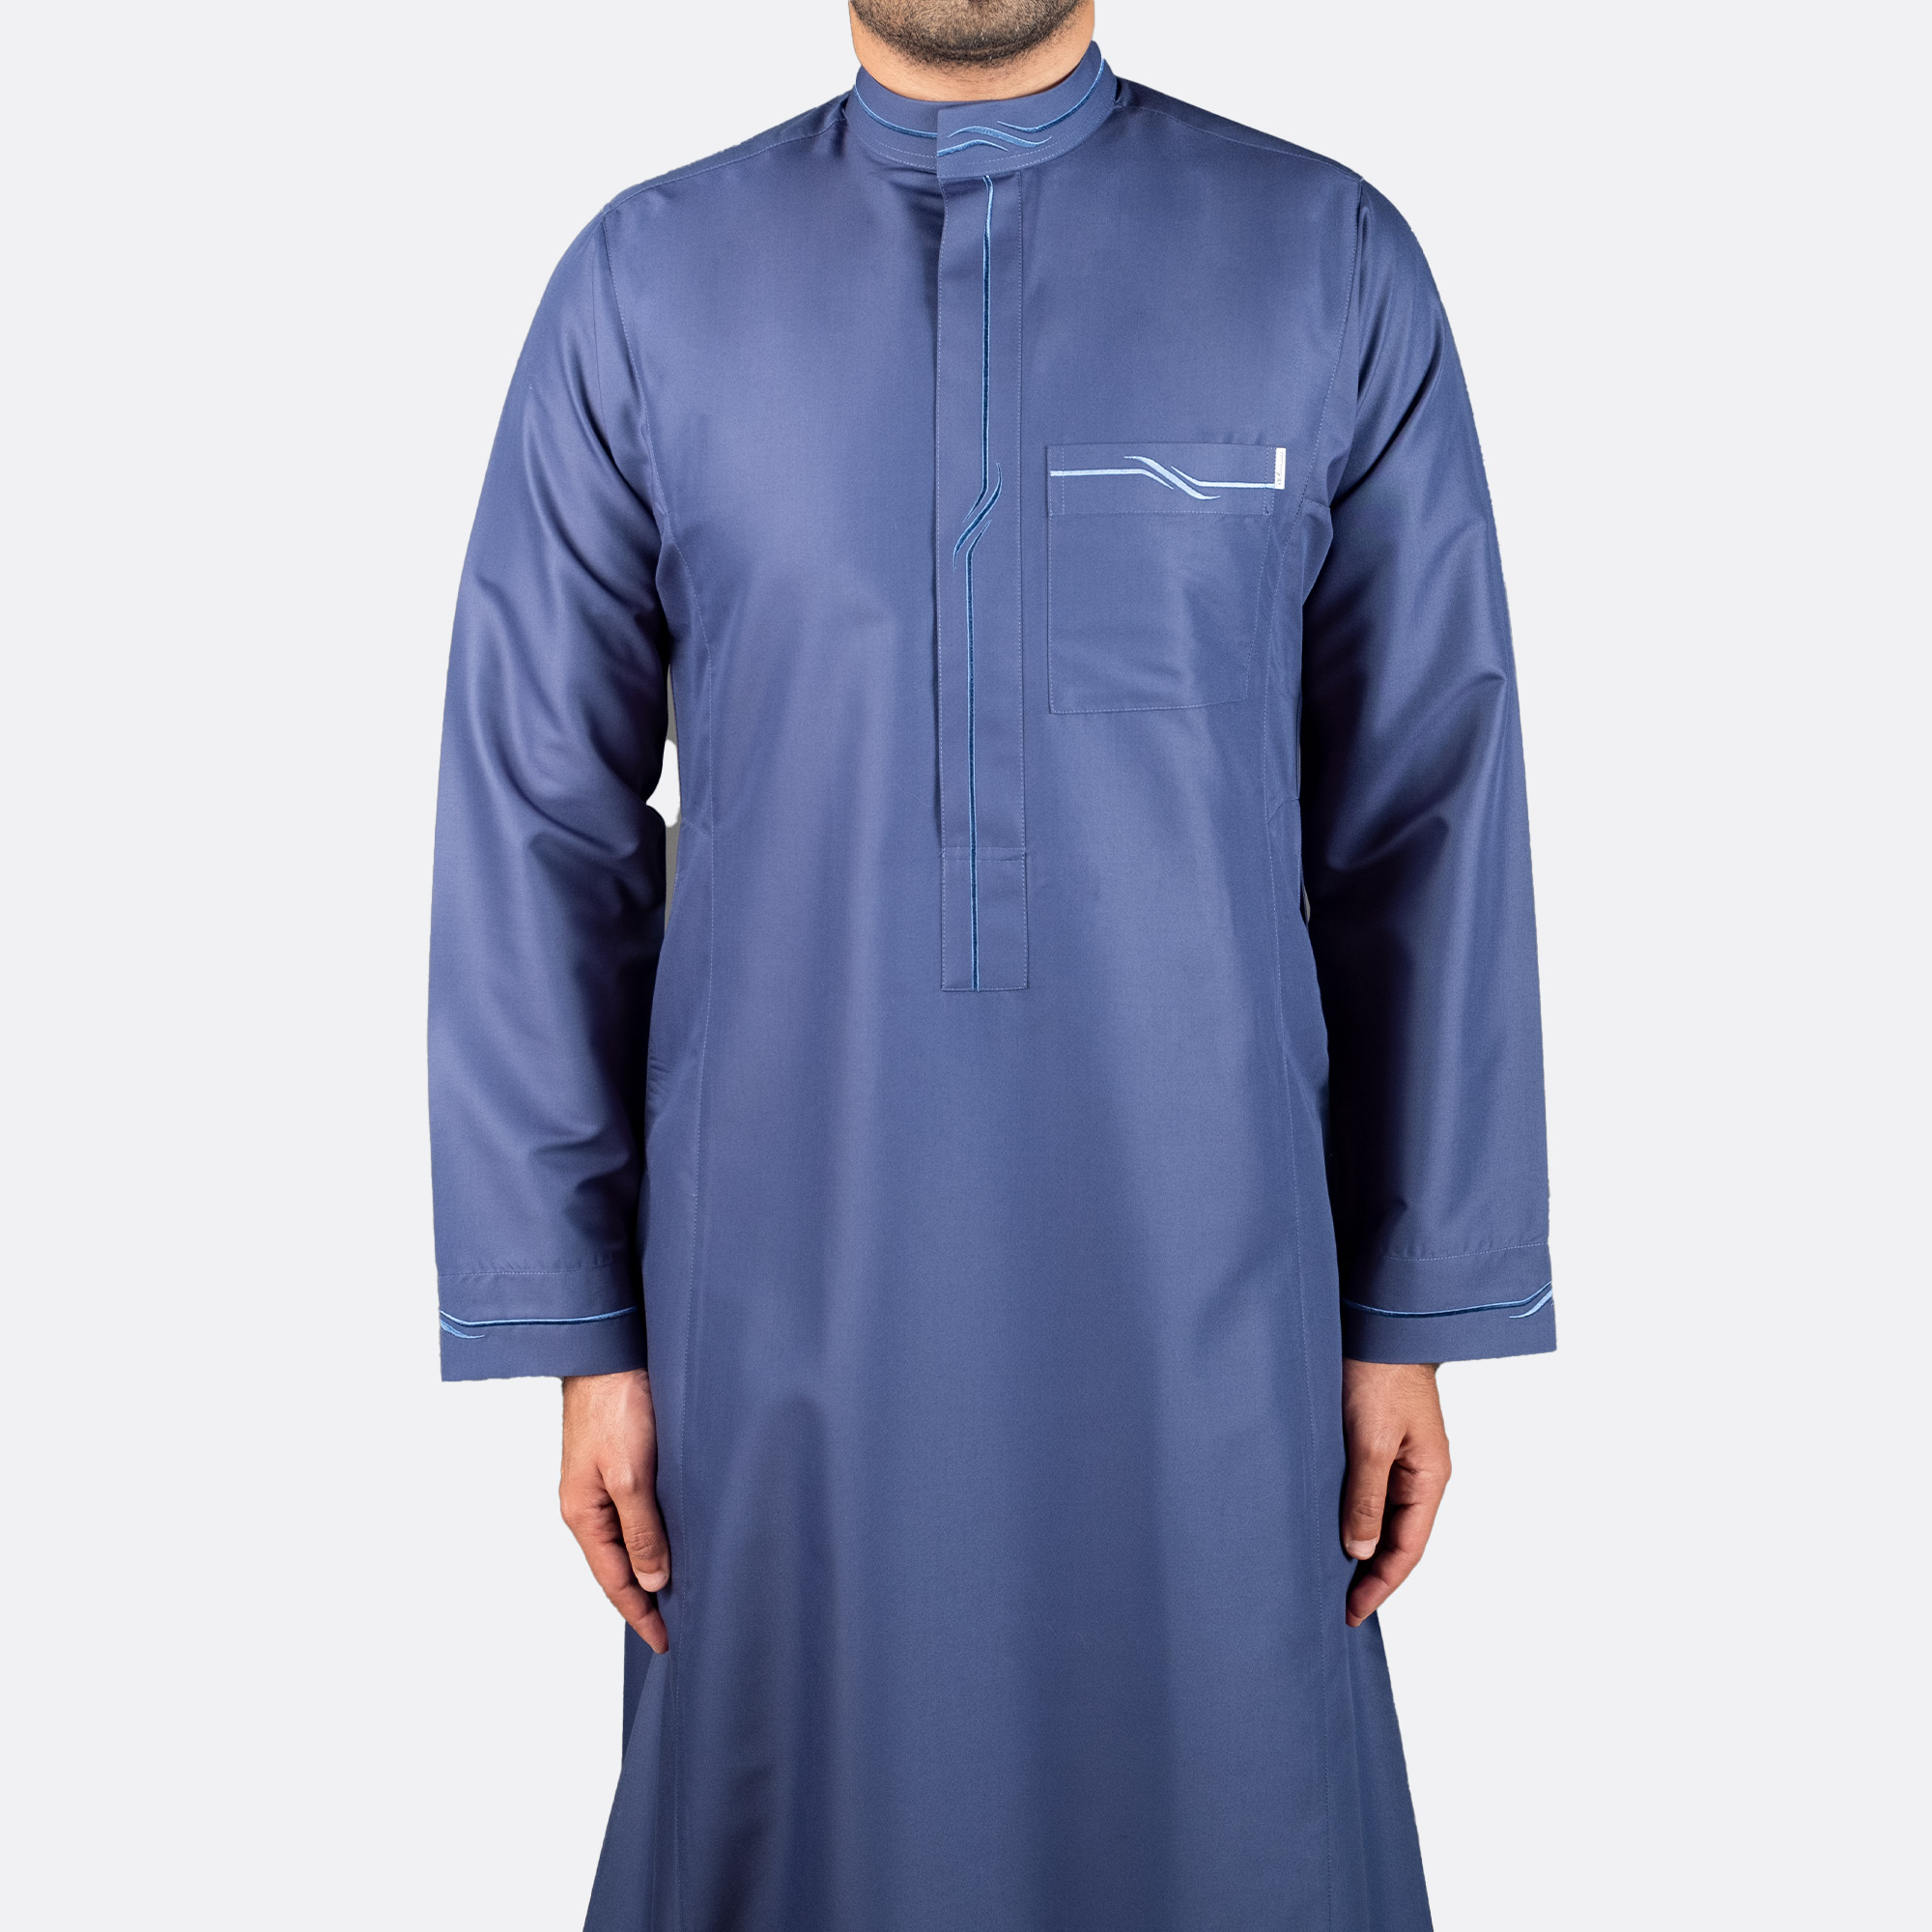 ثوب عصري مطرز لون أزرق غامق